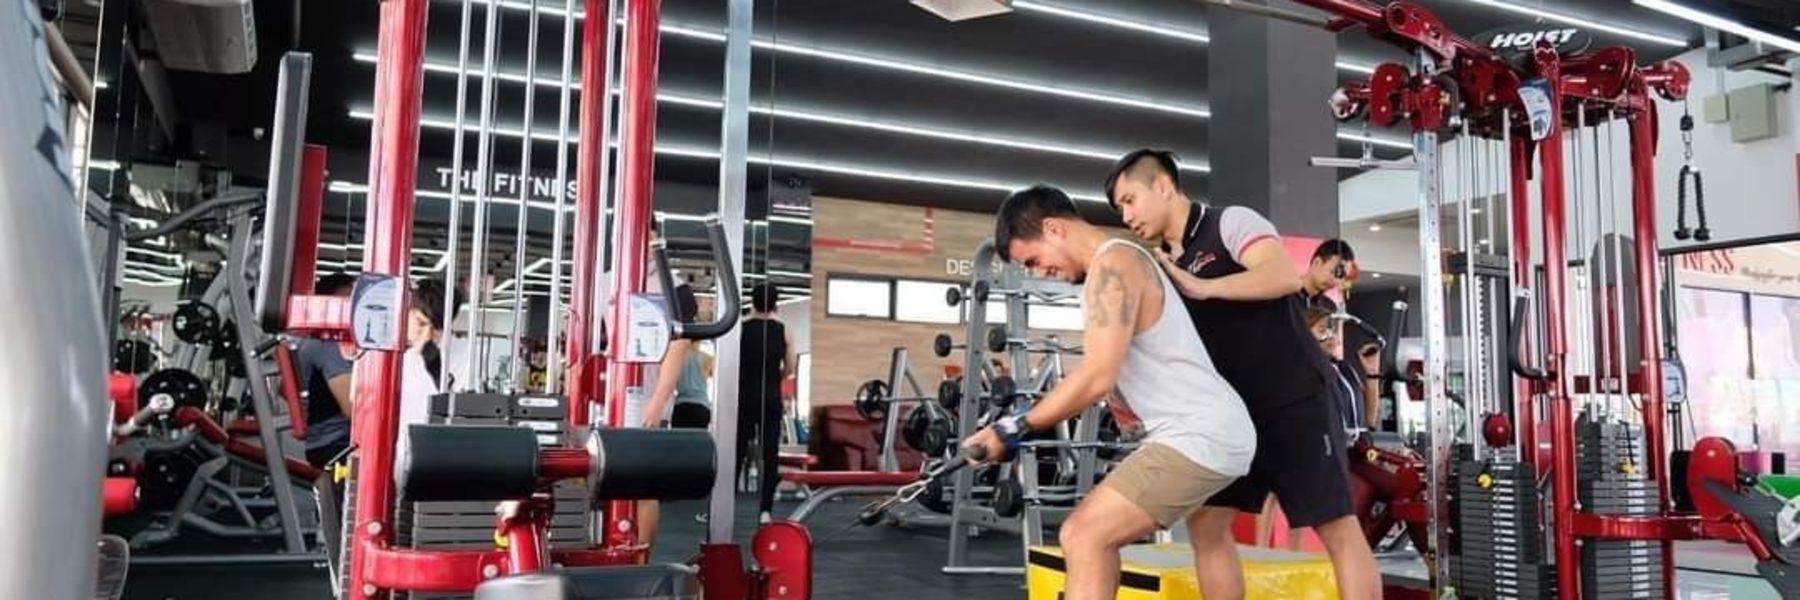 The Fitness - Sai Mai image